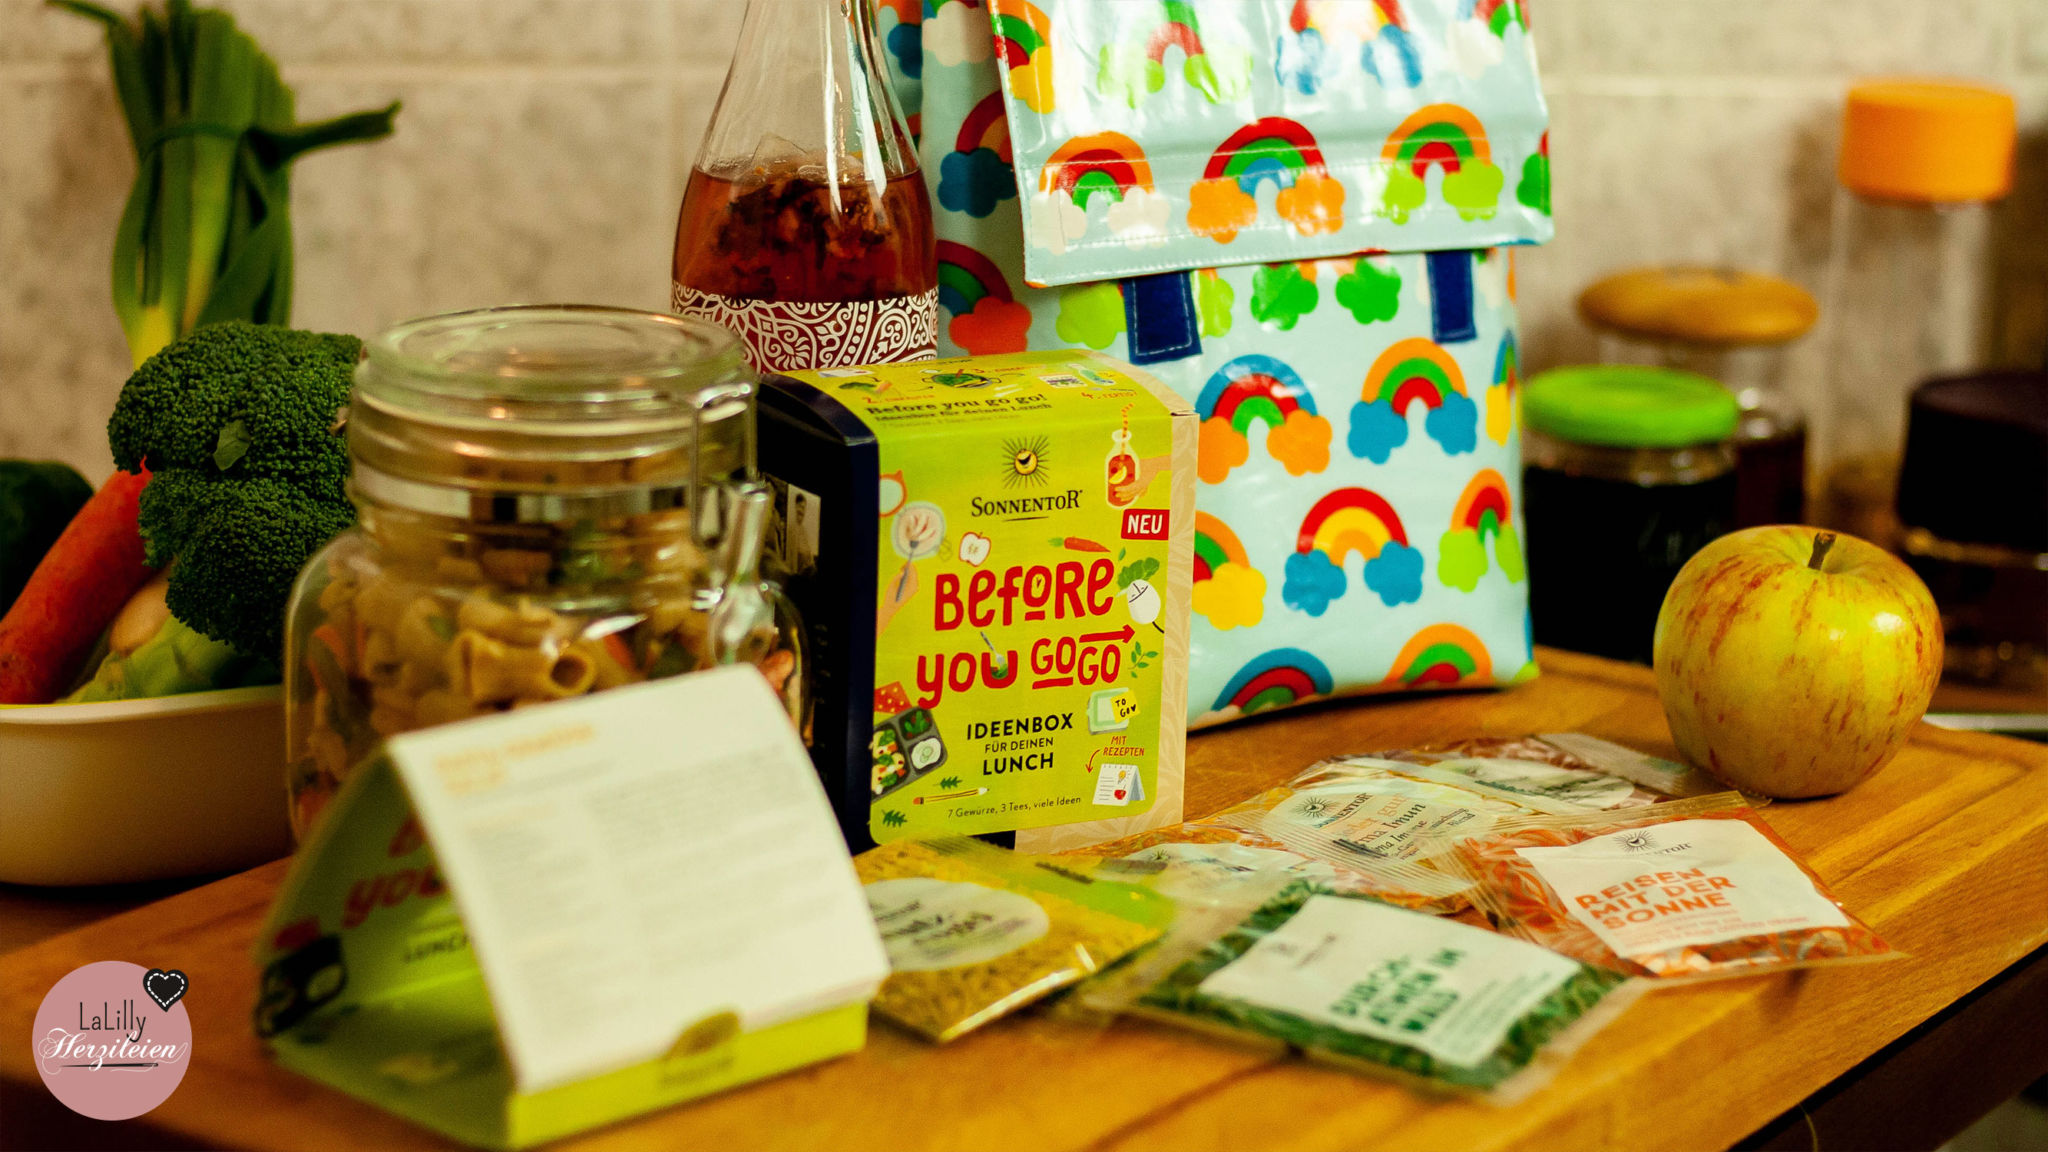 Anzeige / kostenloses Schnittmuster: Lunchbag nähen mit SONNENTOR